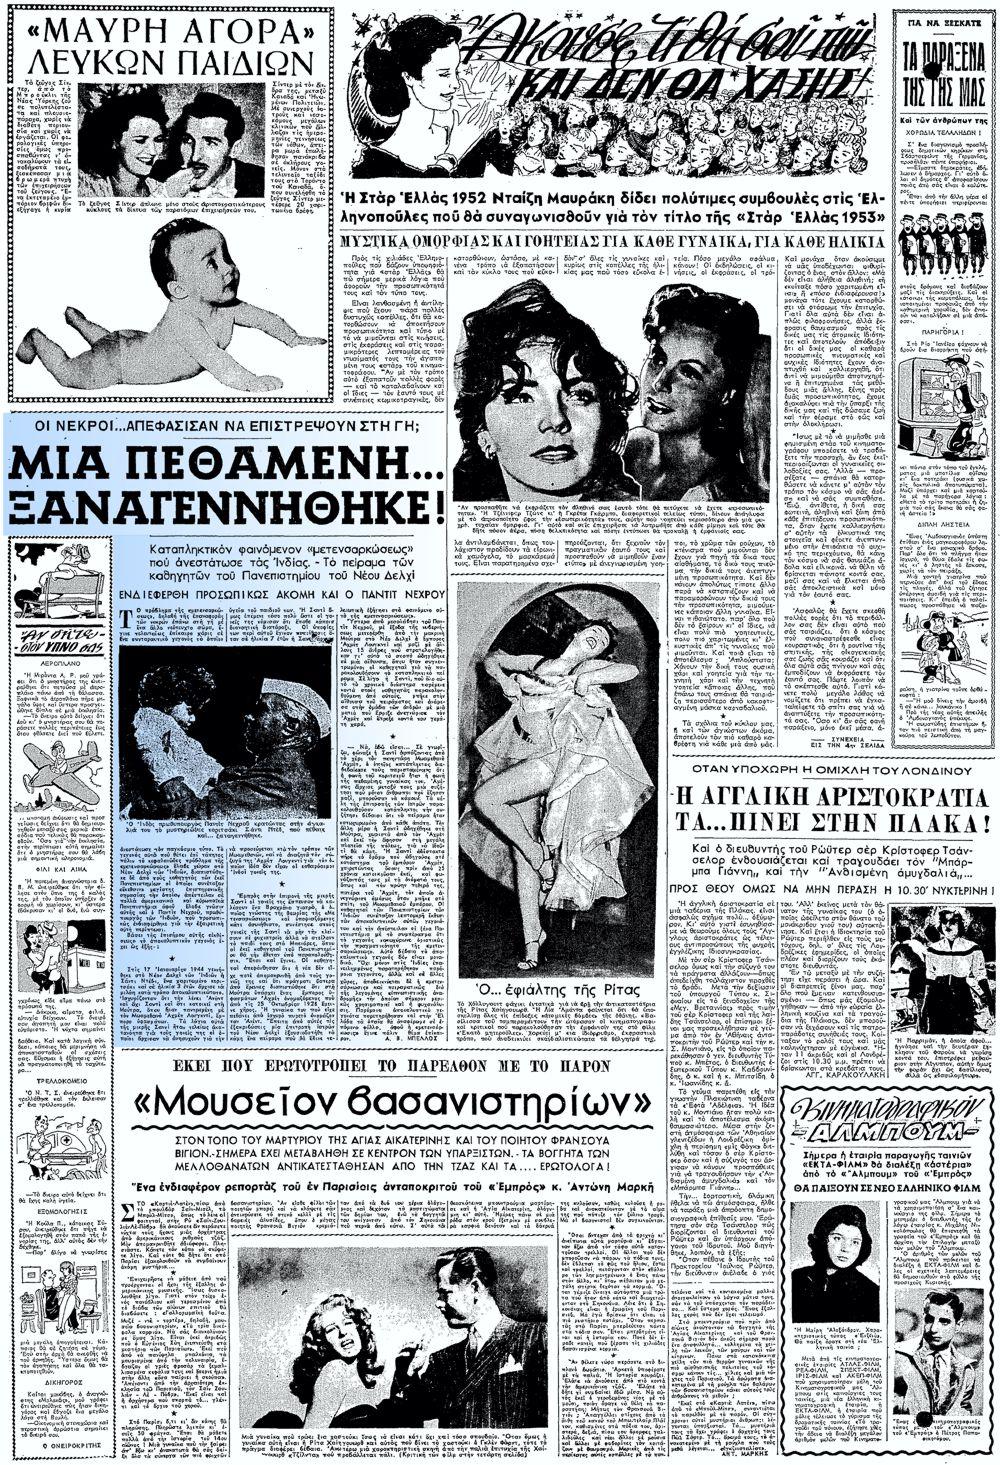 """Το άρθρο, όπως δημοσιεύθηκε στην εφημερίδα """"ΕΜΠΡΟΣ"""", την 18/03/1953"""